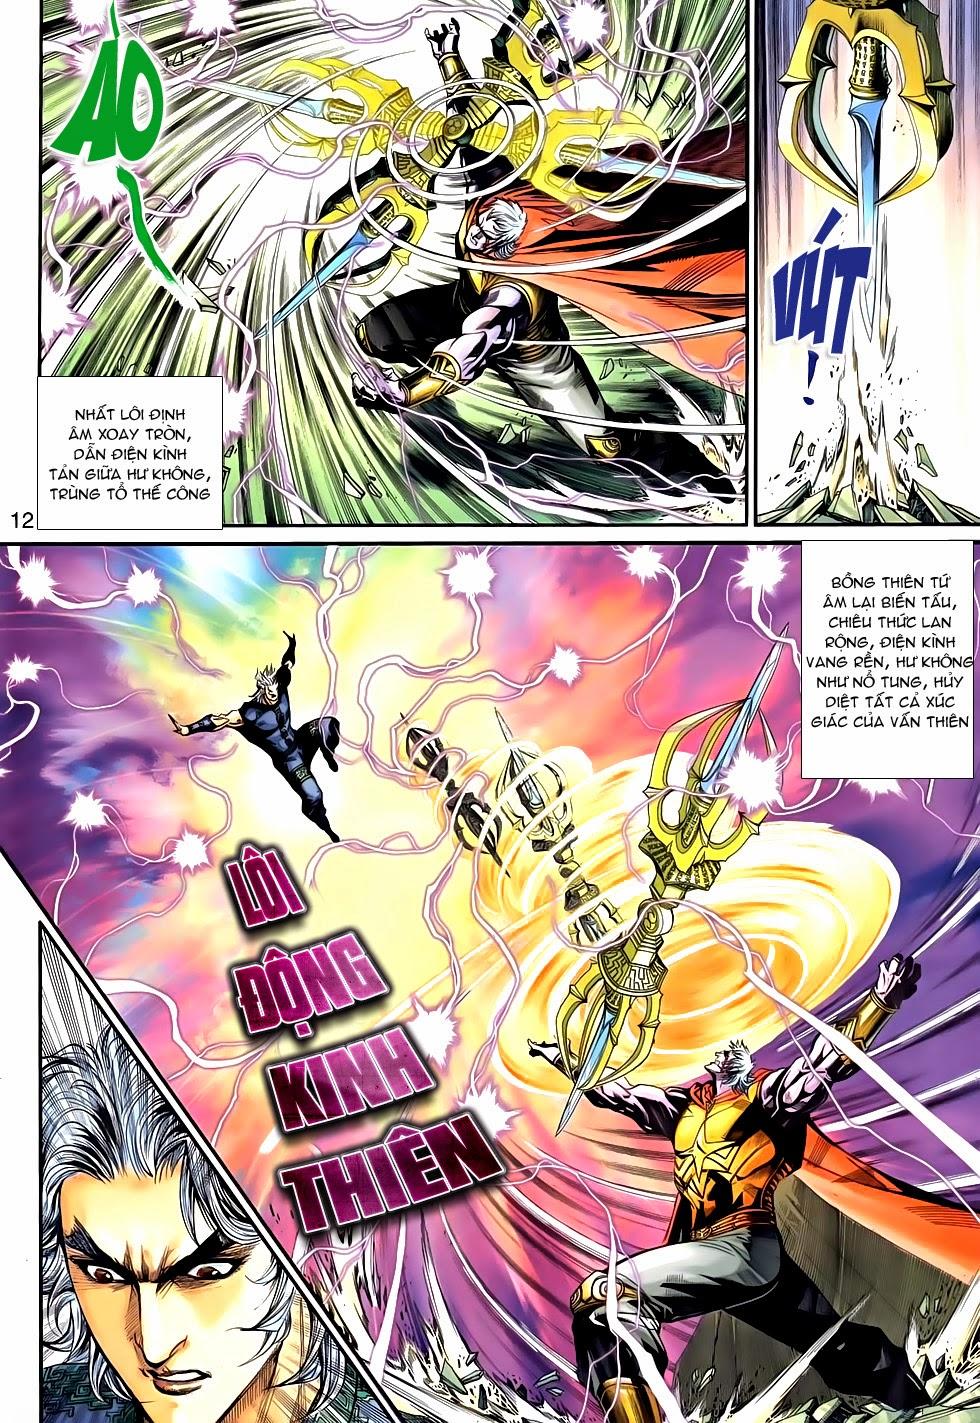 Thần Binh Tiền Truyện 2 chap 21 Trang 12 - Mangak.info